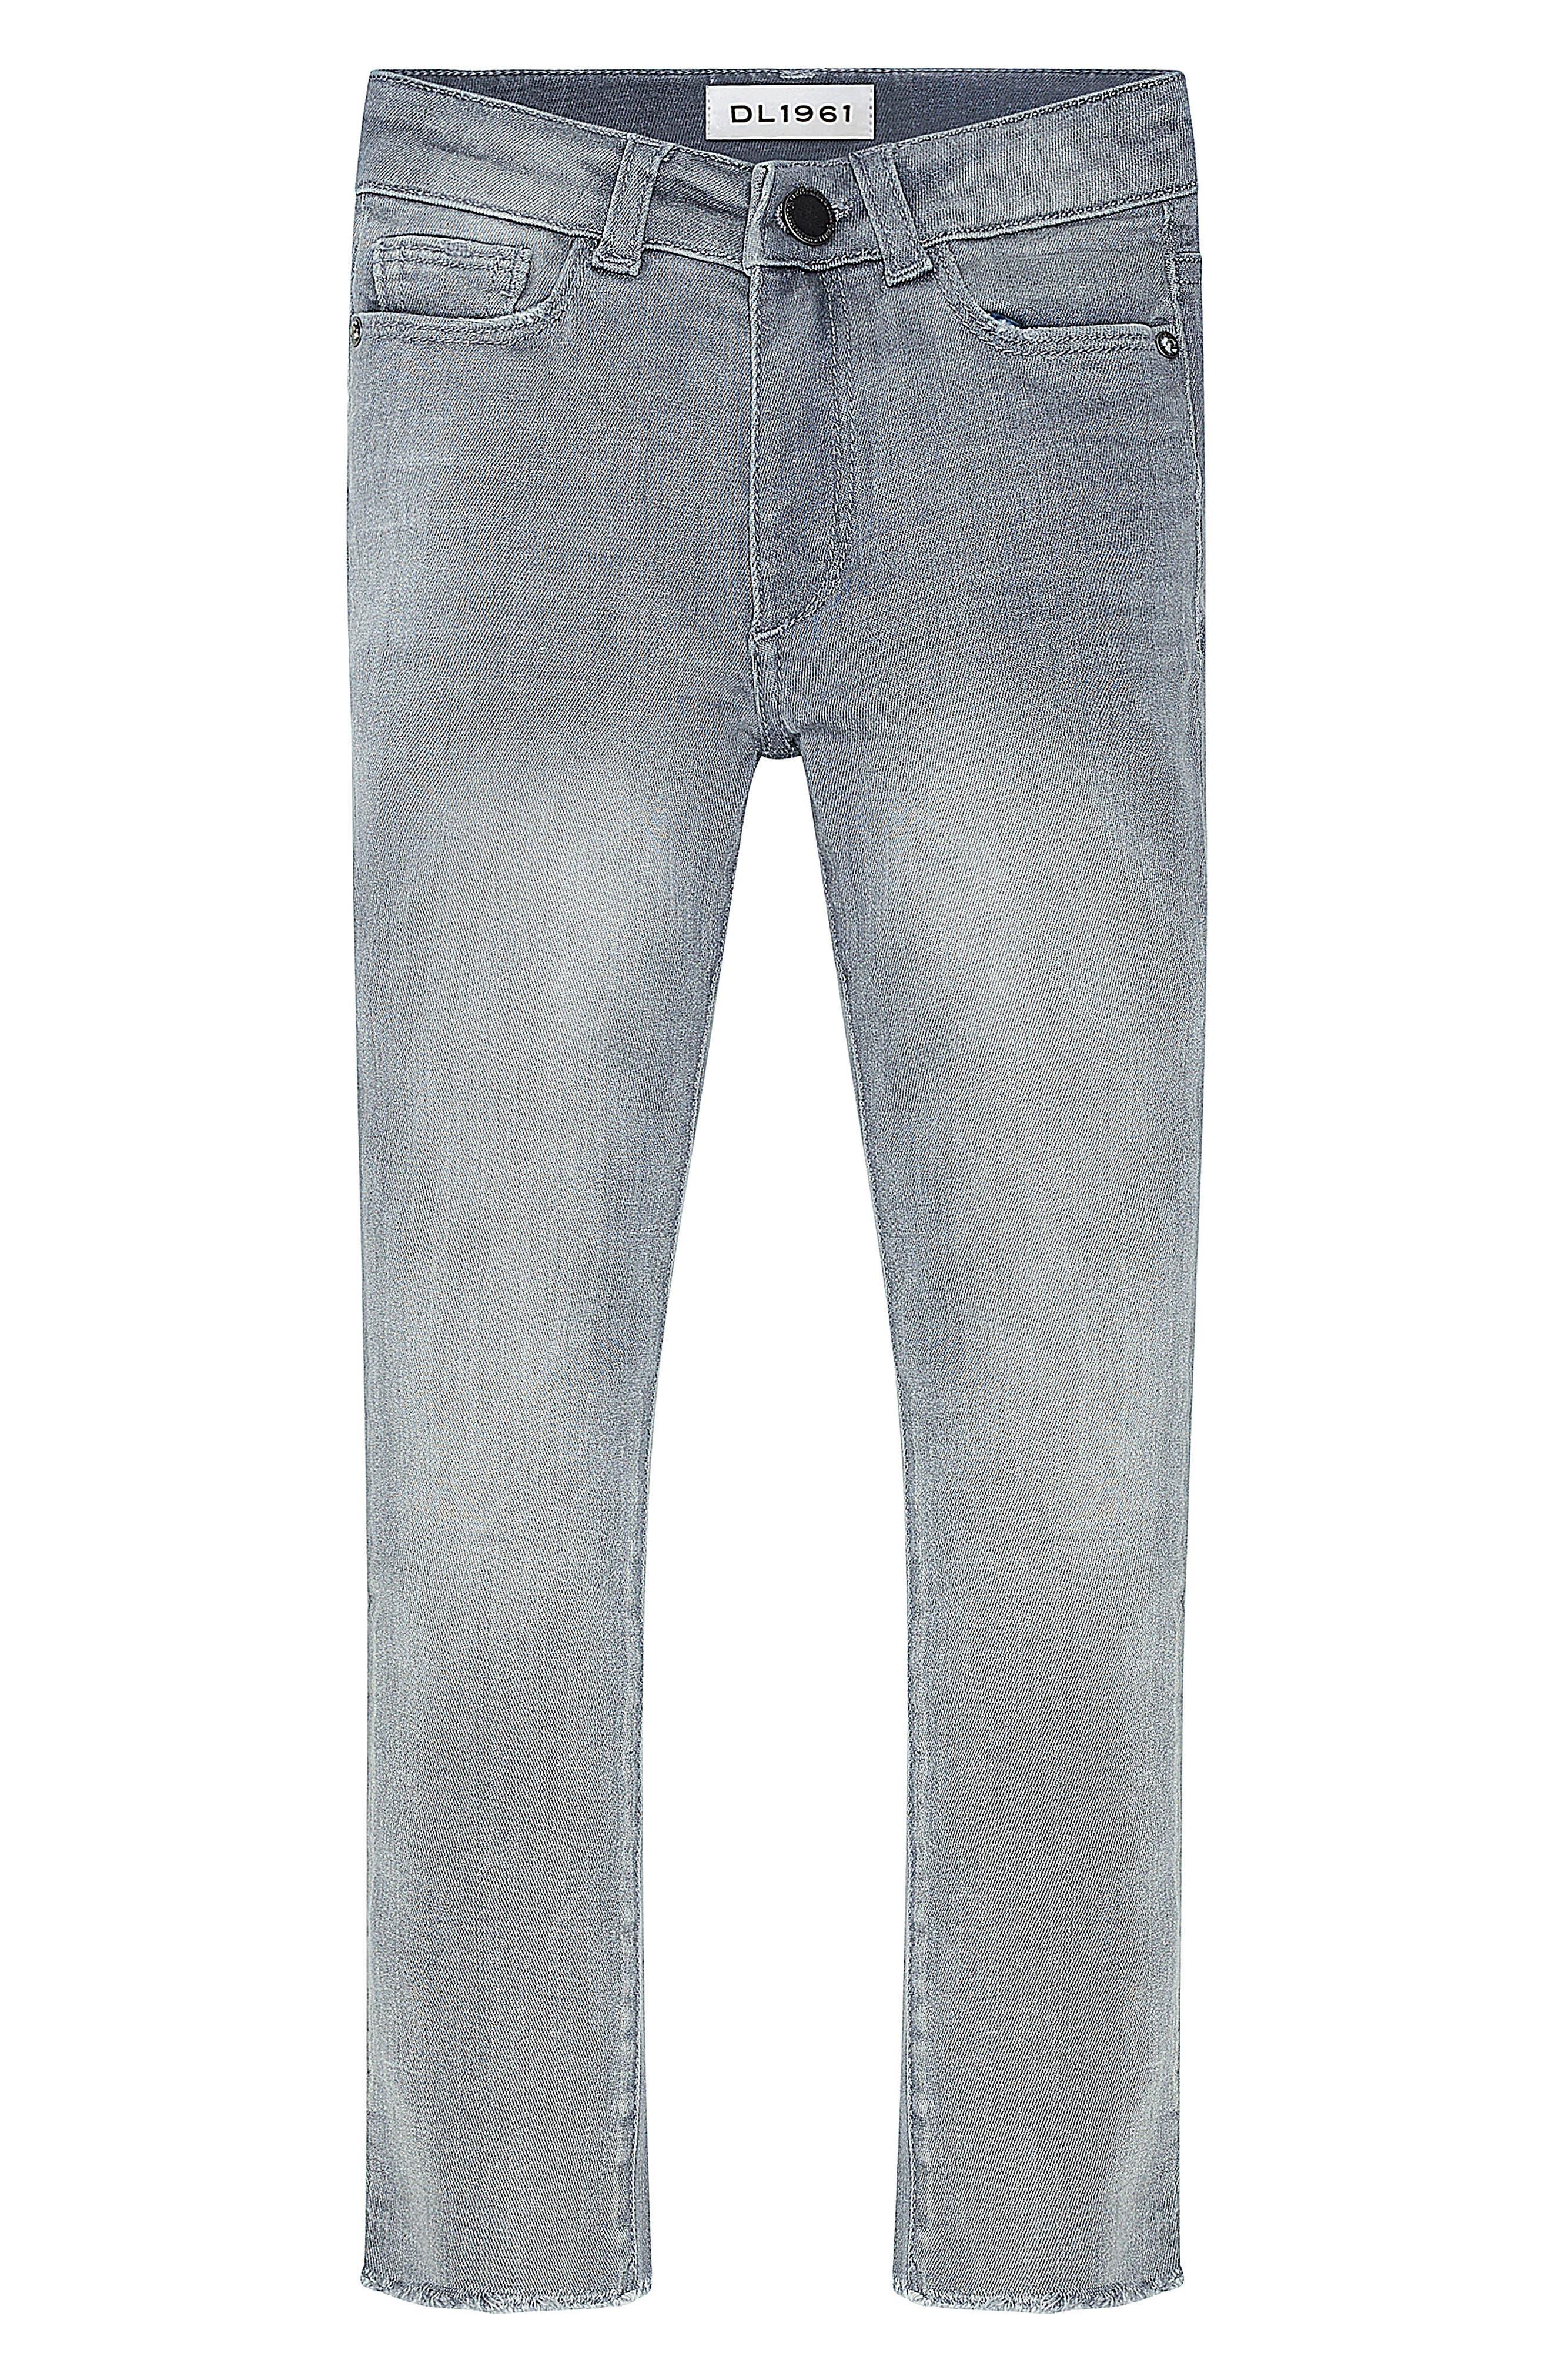 DL1961 Skinny Jeans (Toddler Girls & Little Girls)